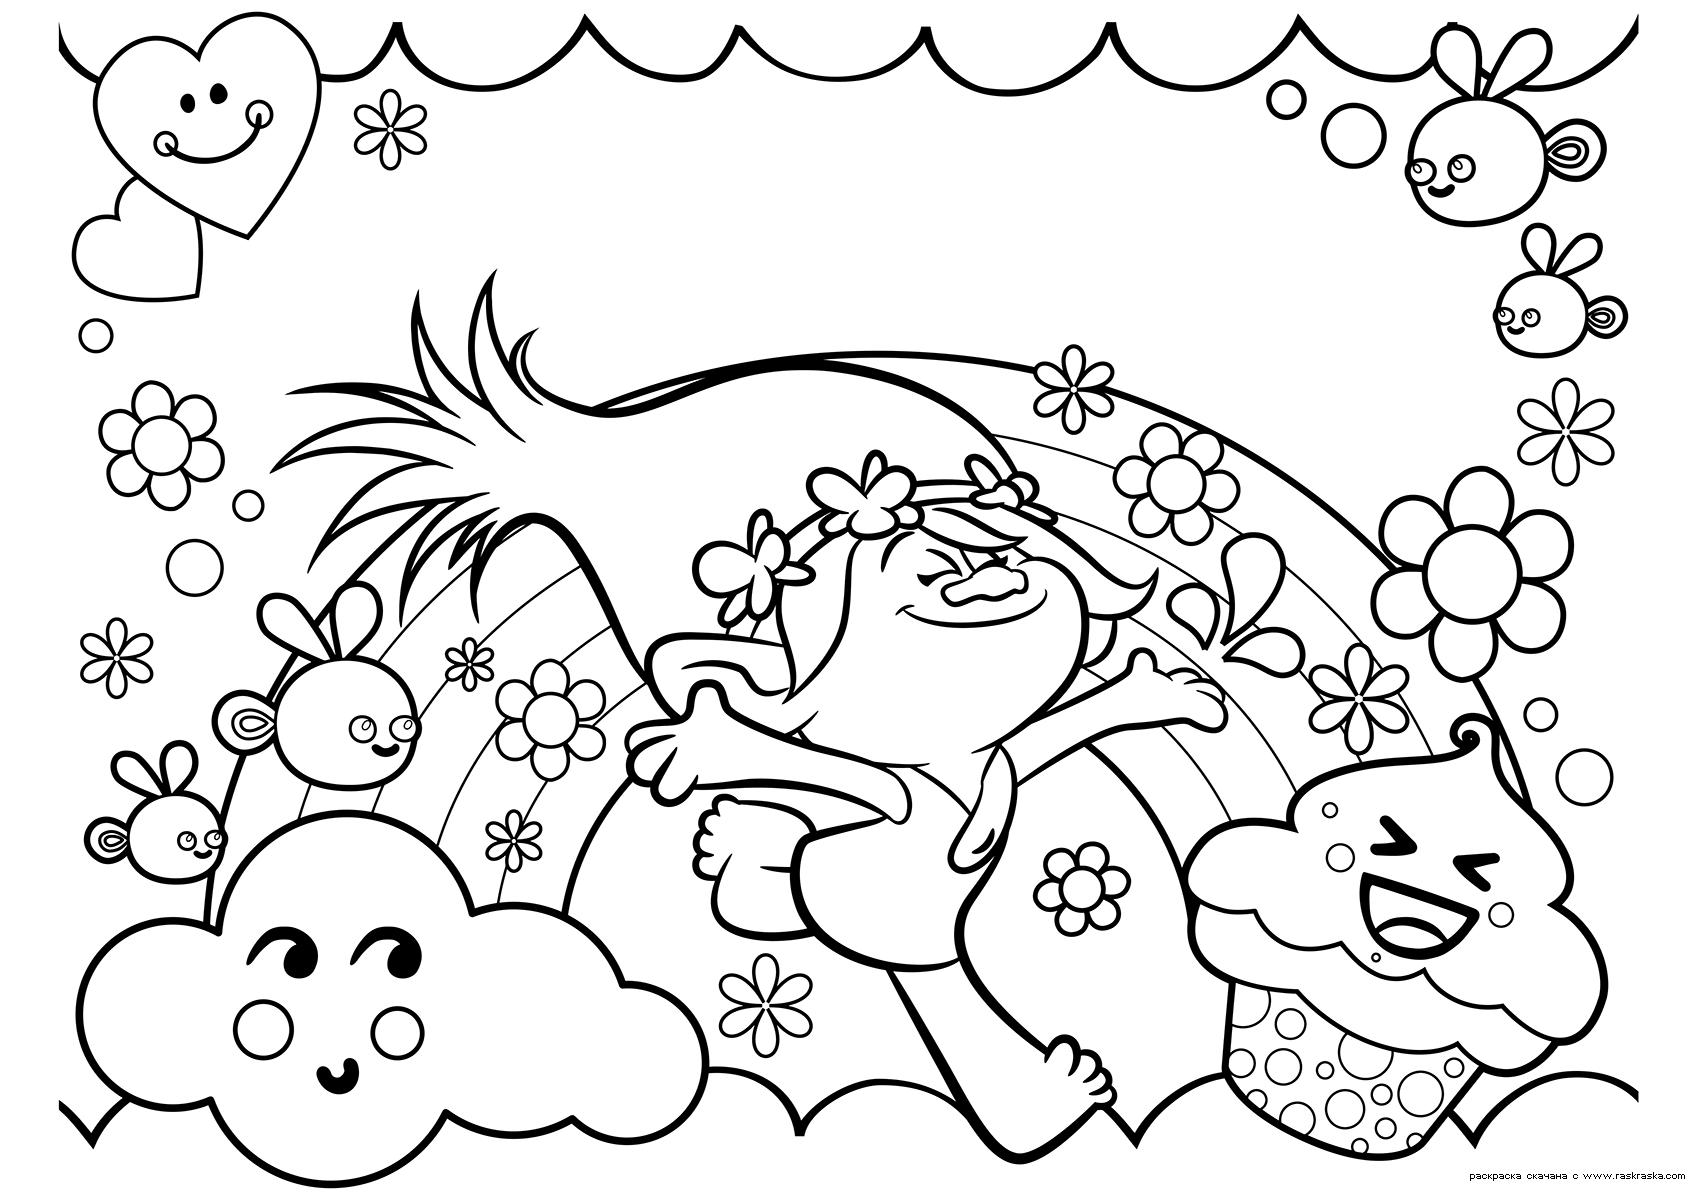 Раскраска Принцесса Розочка | Раскраски из мультфильма ...